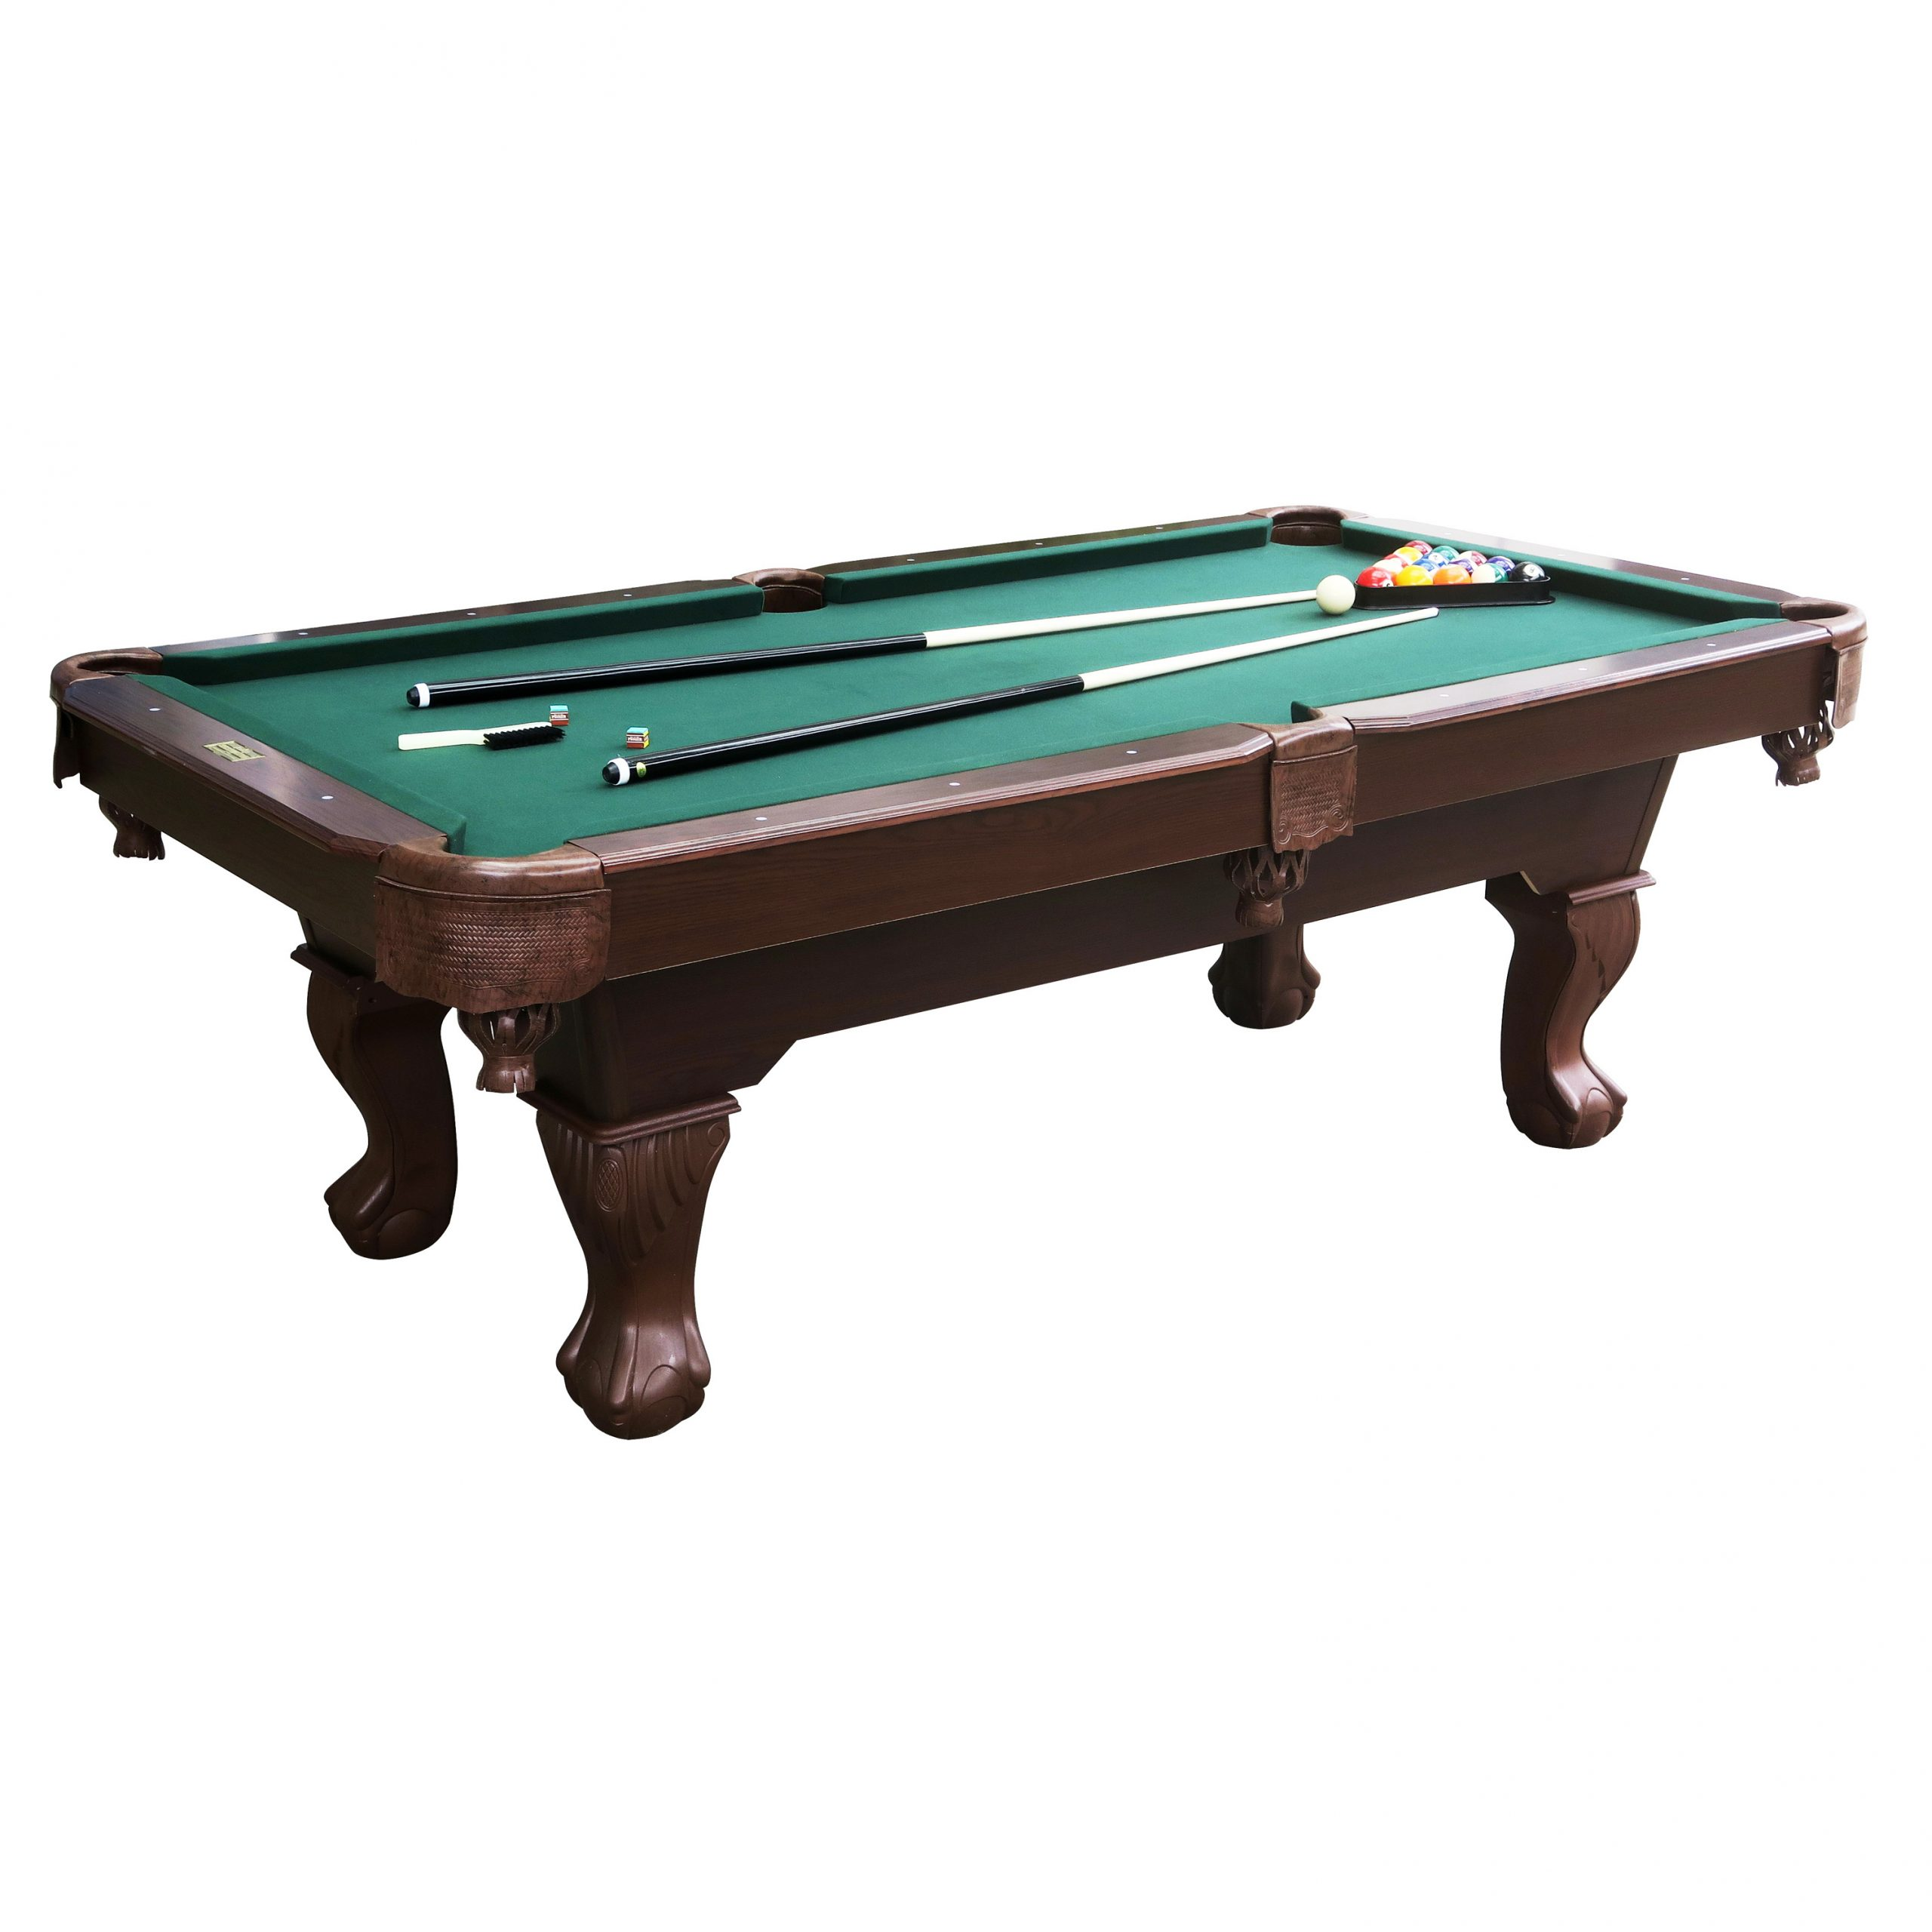 Barrington 7.5 ft Springdale Claw Leg Billiard Table